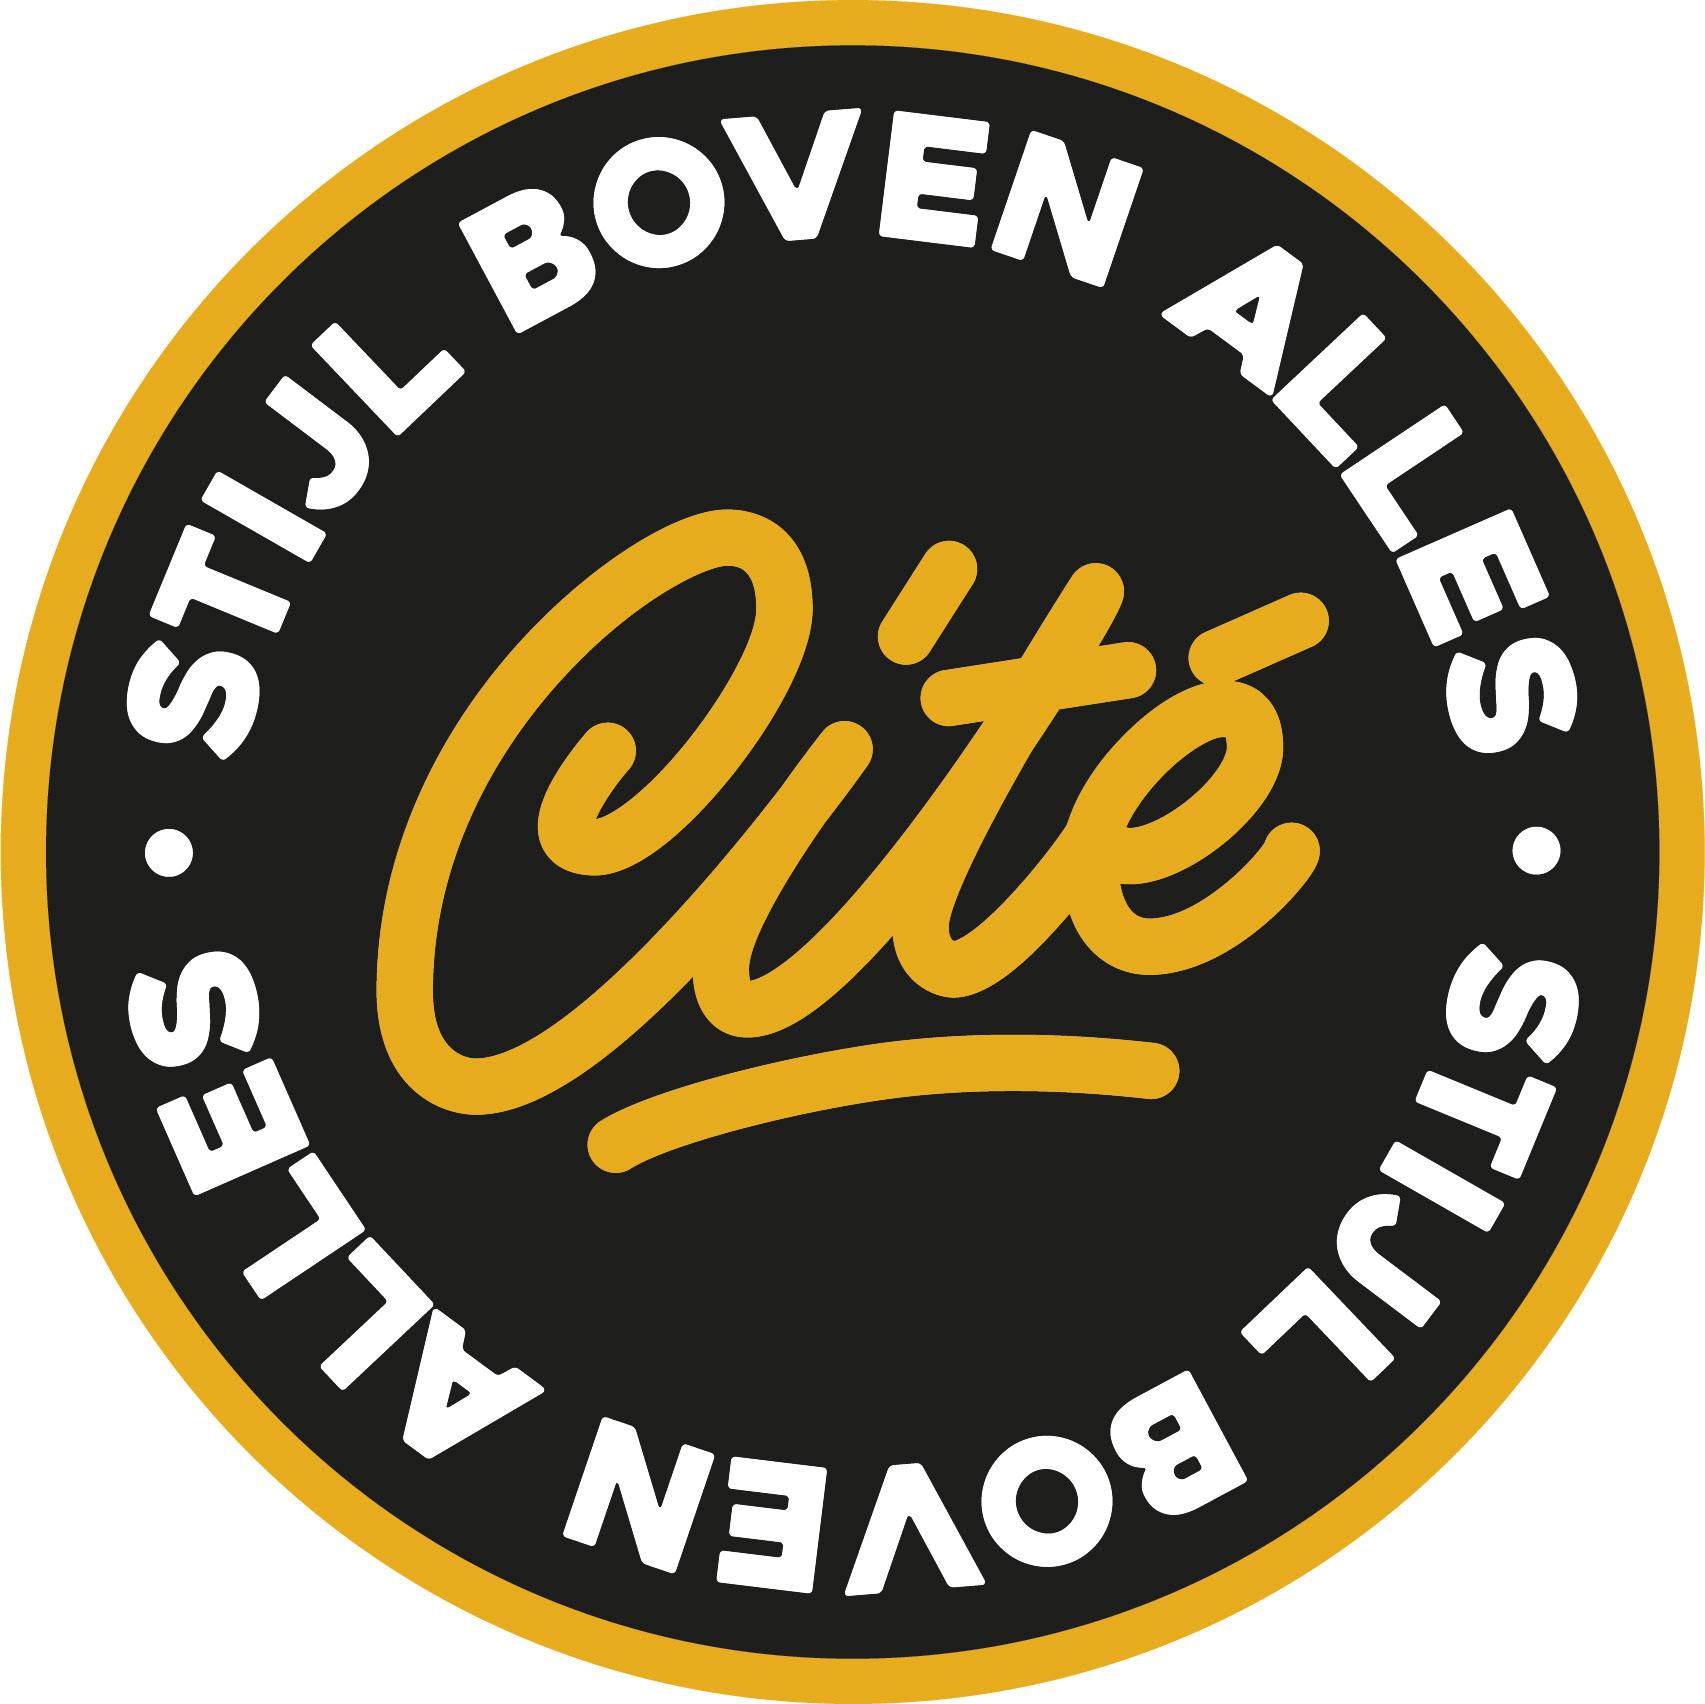 Cité Stijl